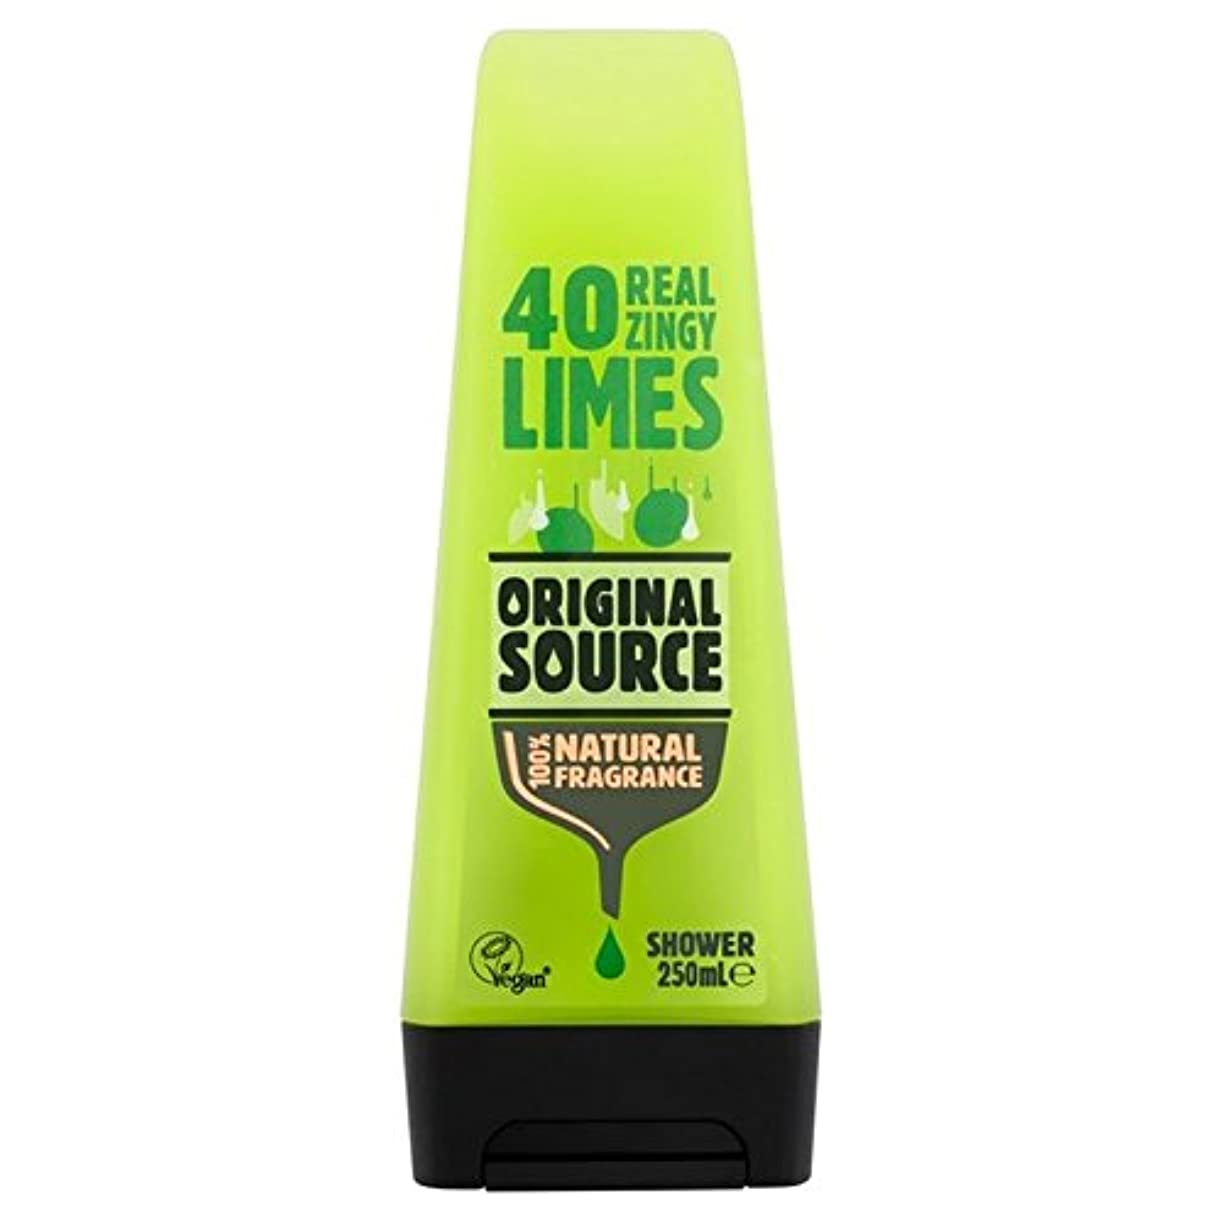 ゴシップ請願者変装した元のソースライムシャワージェル250ミリリットル x4 - Original Source Lime Shower Gel 250ml (Pack of 4) [並行輸入品]